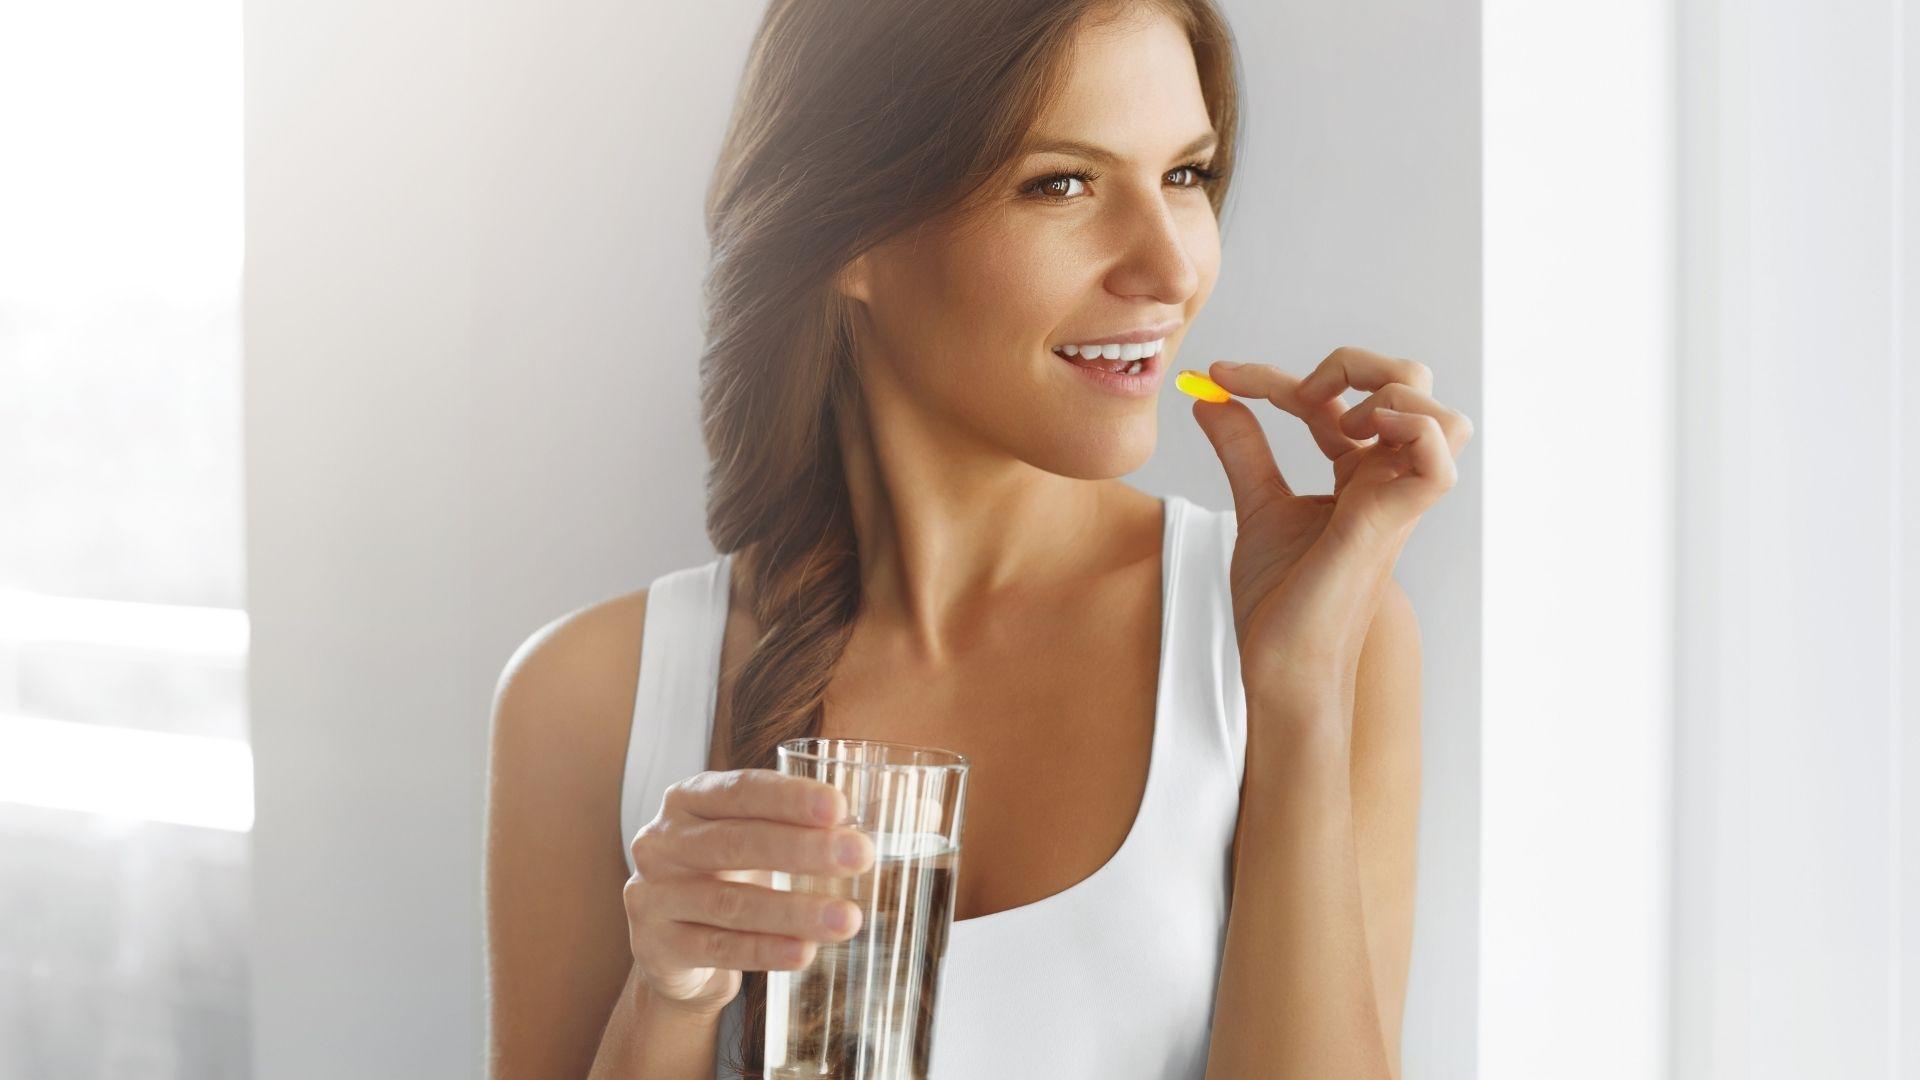 D Vitamini İle Sağlıklı Yaşam